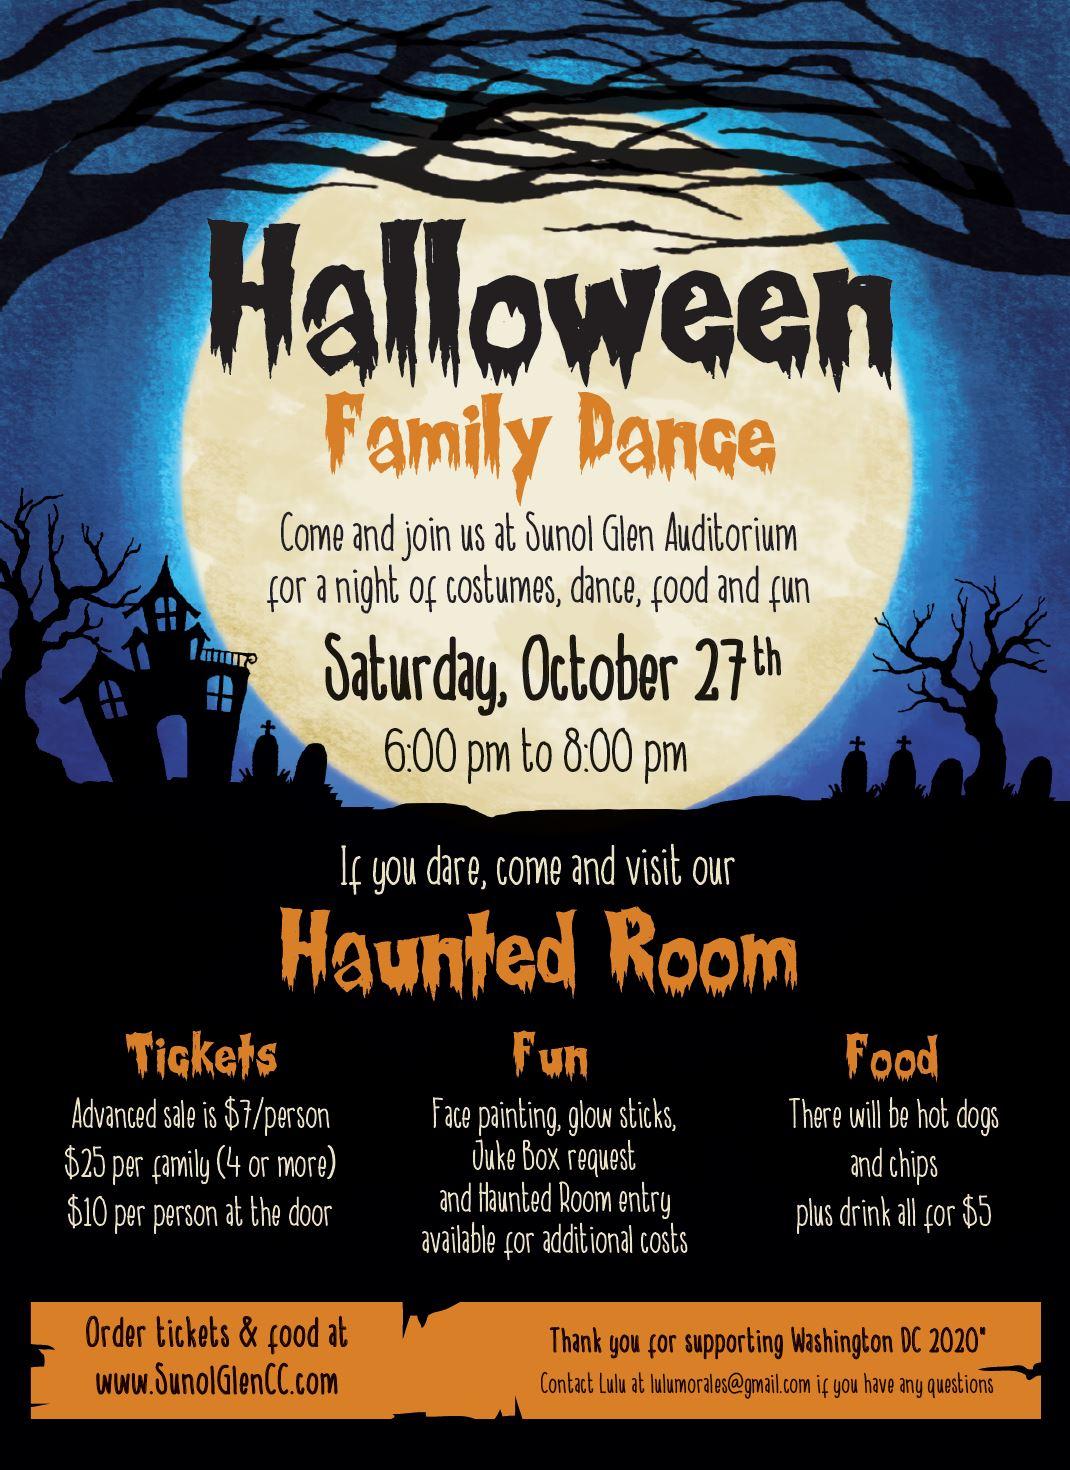 Halloween 2020 Washington Dc Halloween Family Dance 2018   Washington DC 2020 Fundraiser